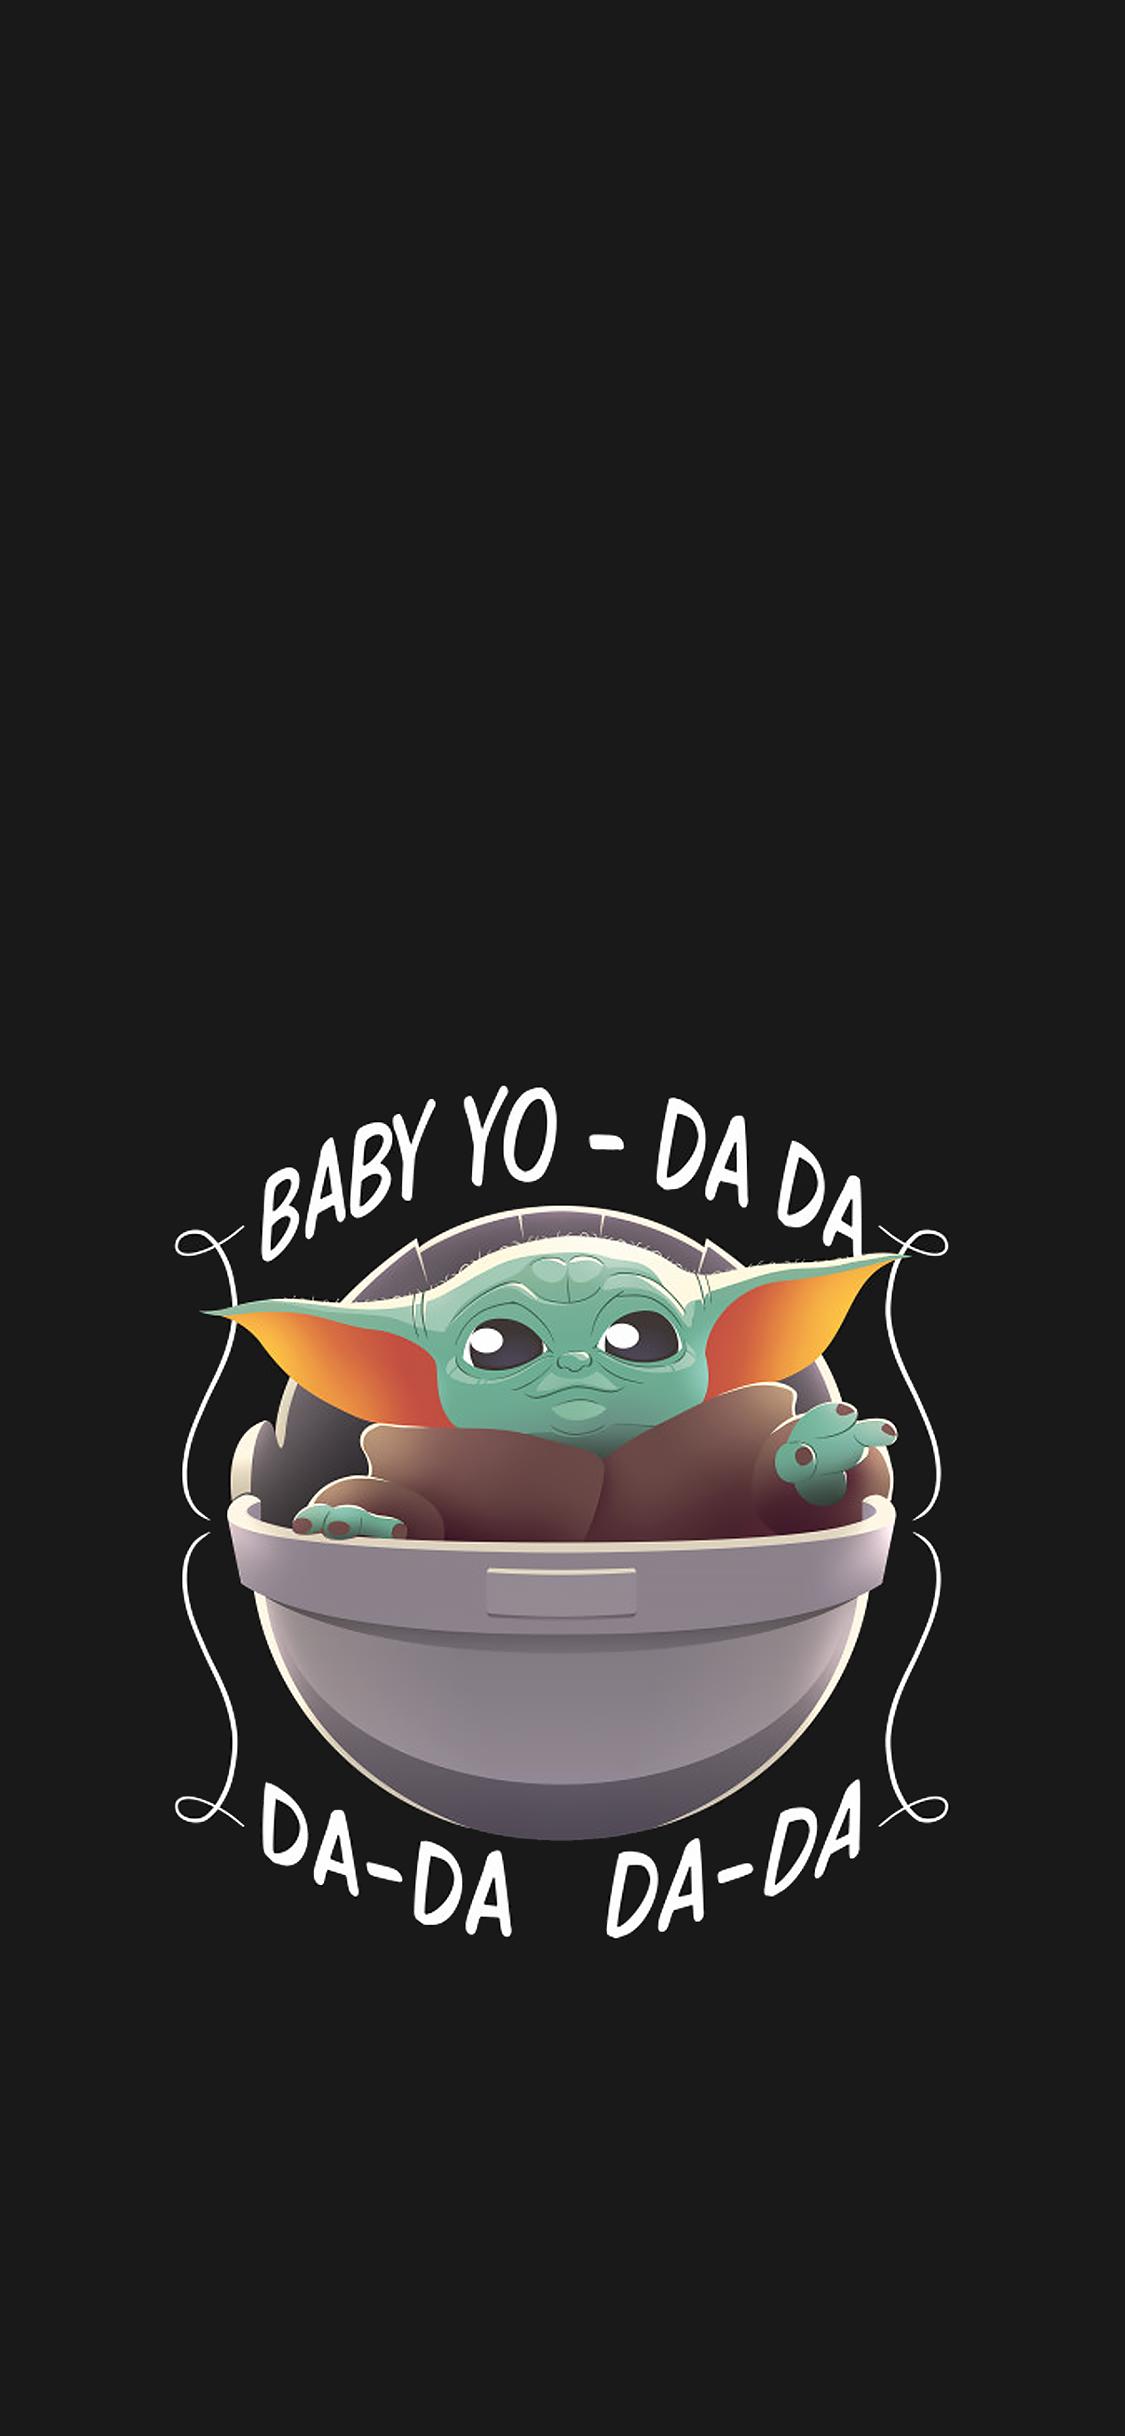 Wallpaper Star Wars 4k Artisticos E Do Baby Yoda Colorindo Nuvens